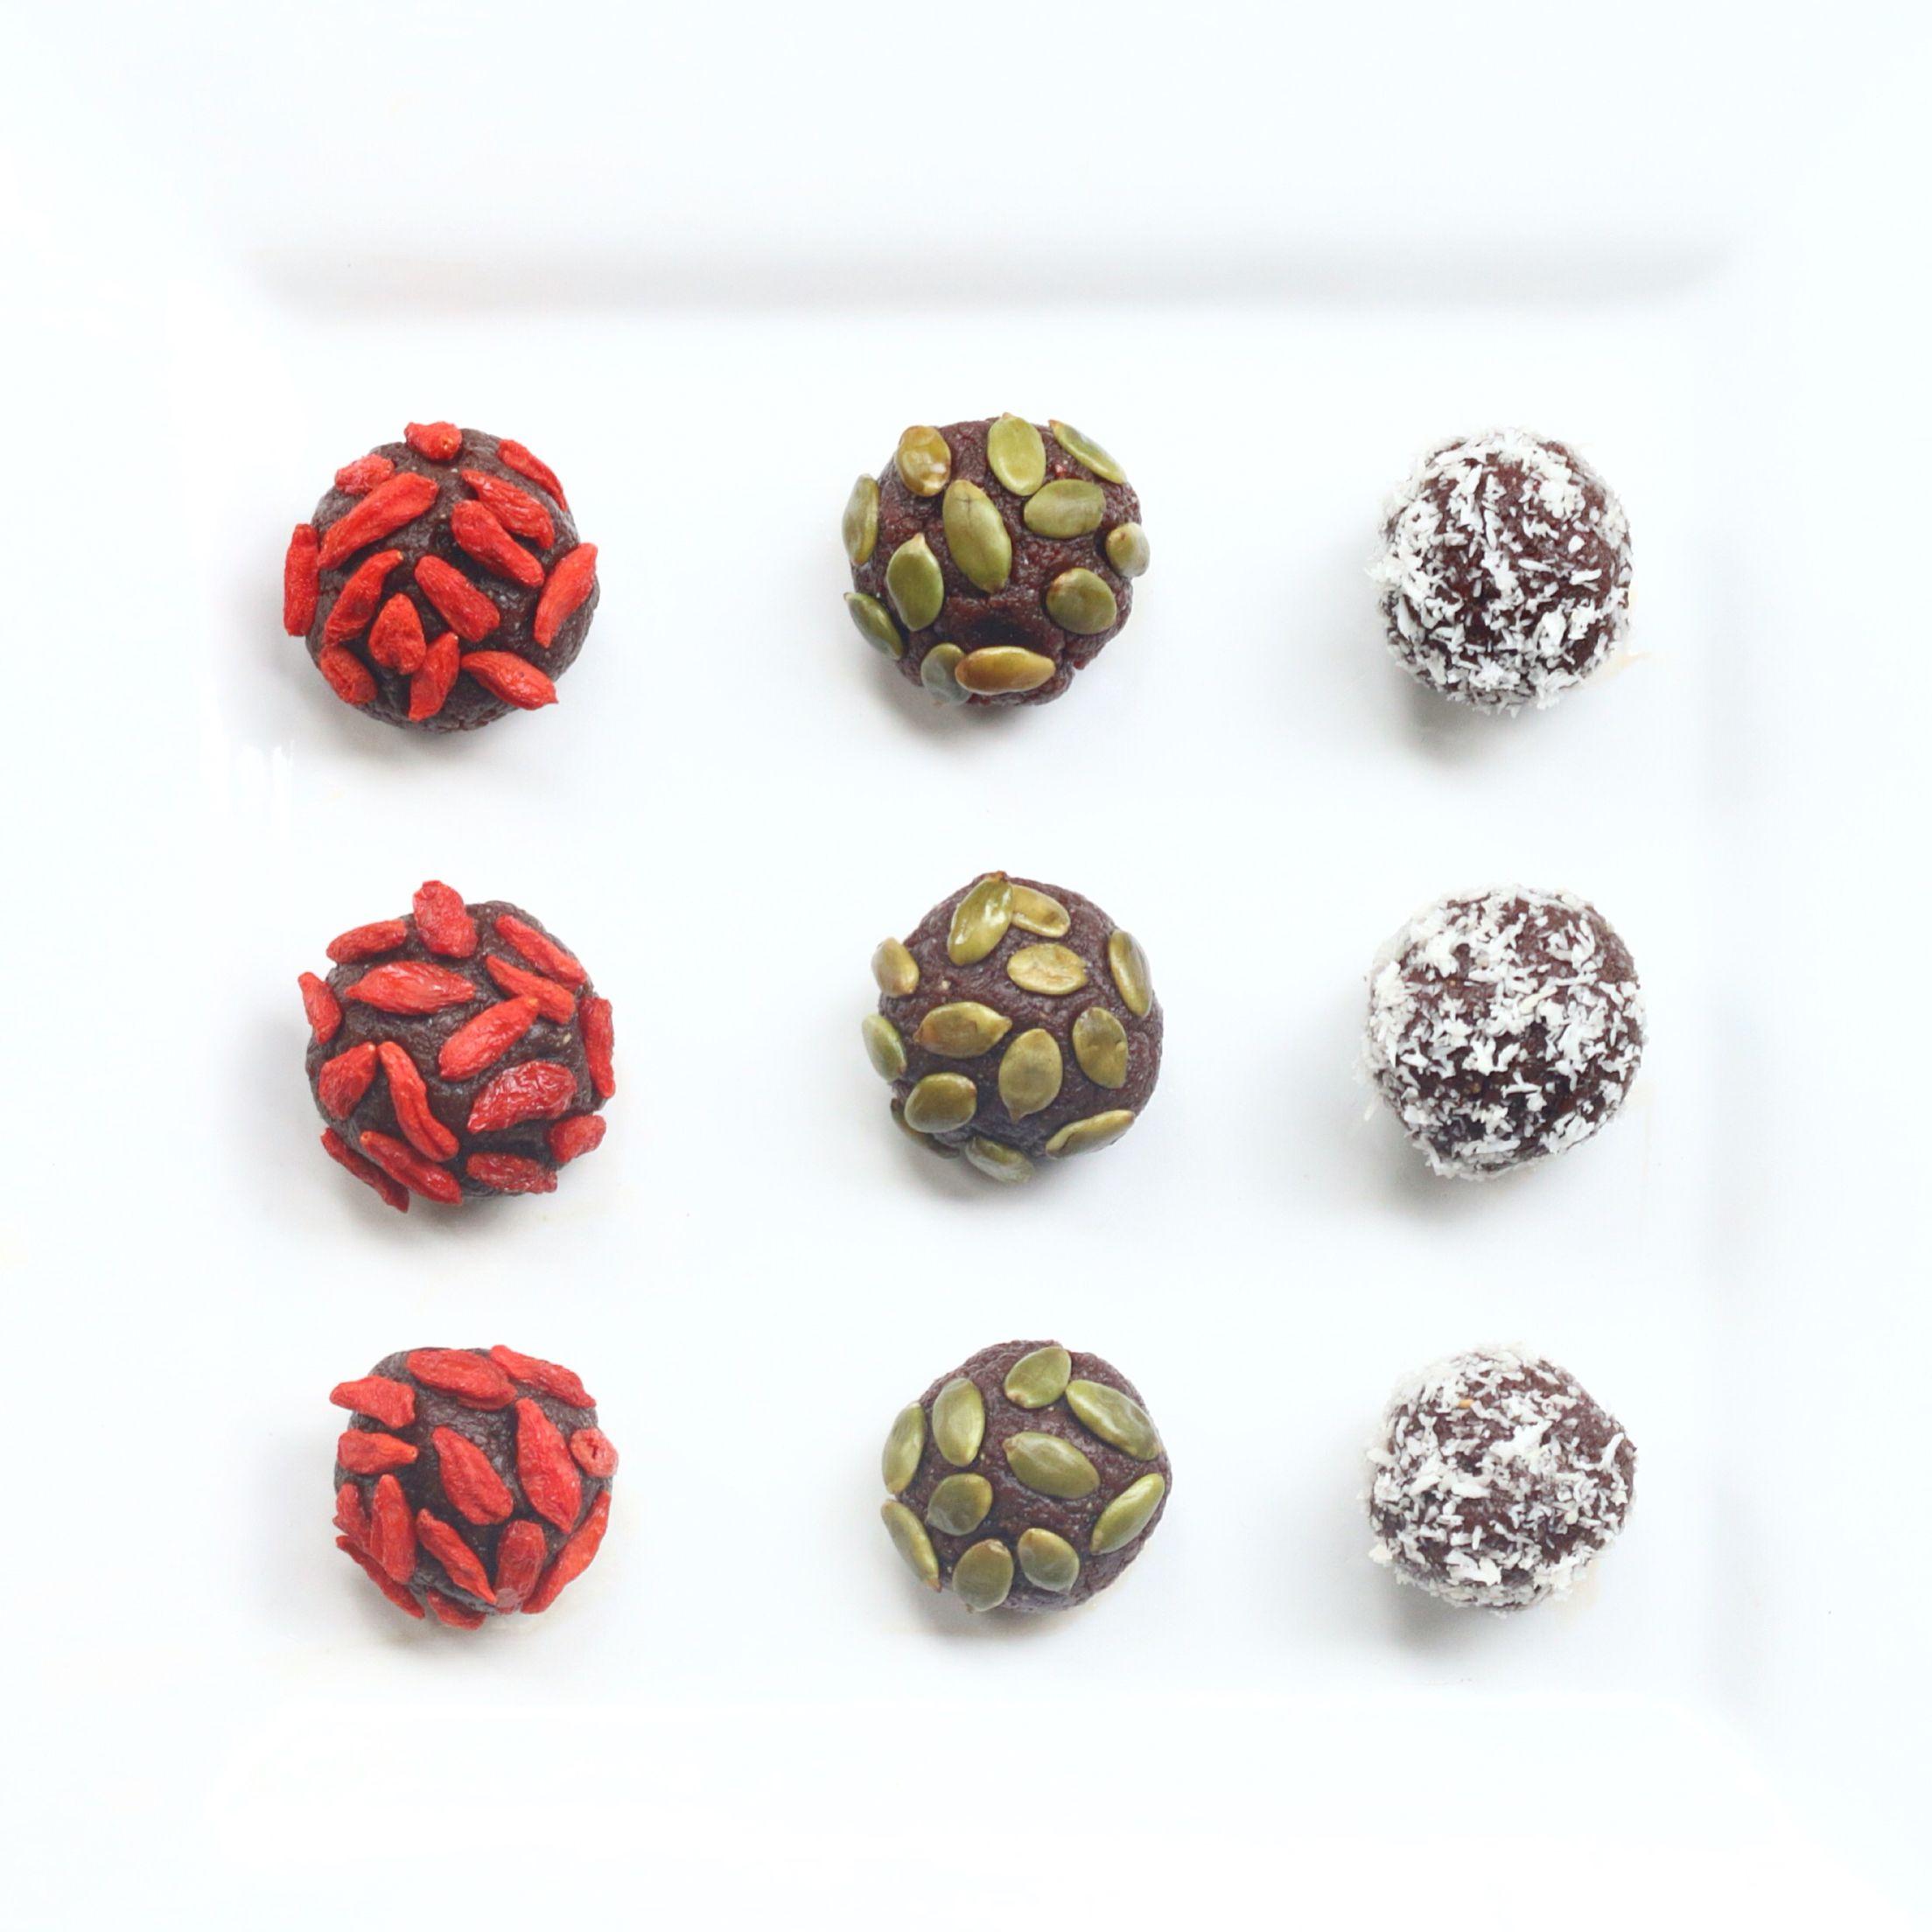 Bliss balls de cacao crudas!!! Tan solo procesé en mi mini pimer de @osterlatino que es ultra potente , una combinación de dátiles, mantequilla de maní, cranberries y cacao en polvo sin azúcar... Receta completa: https://instagram.com/p/BE6p9xRlWjD/  #blissballs #bolitas #saludable #healthy #cacao #chocolate